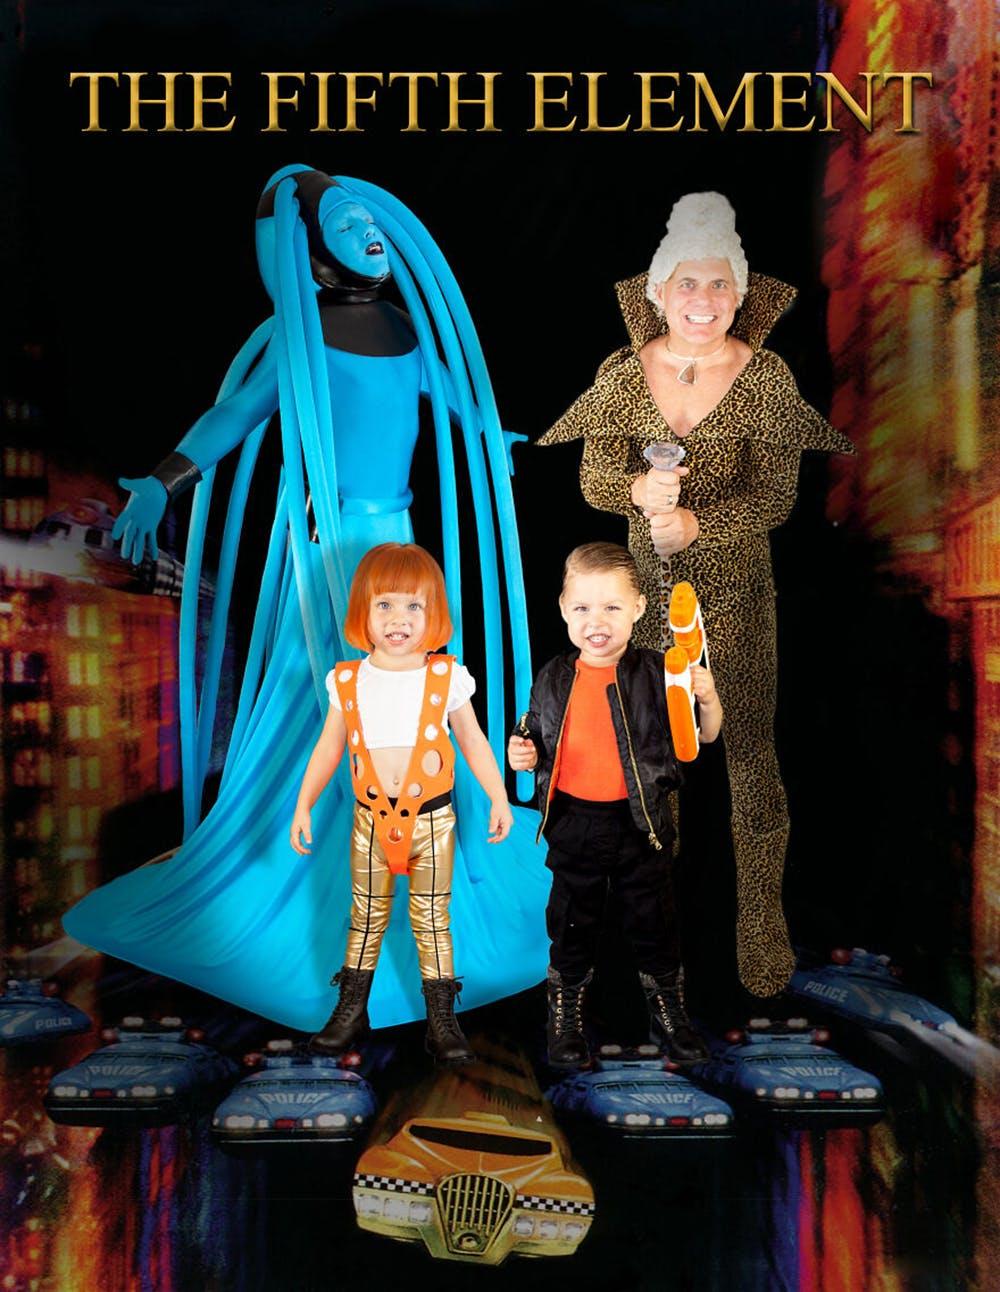 famille championne de déguisements d'Halloween Le Cinquième Élément